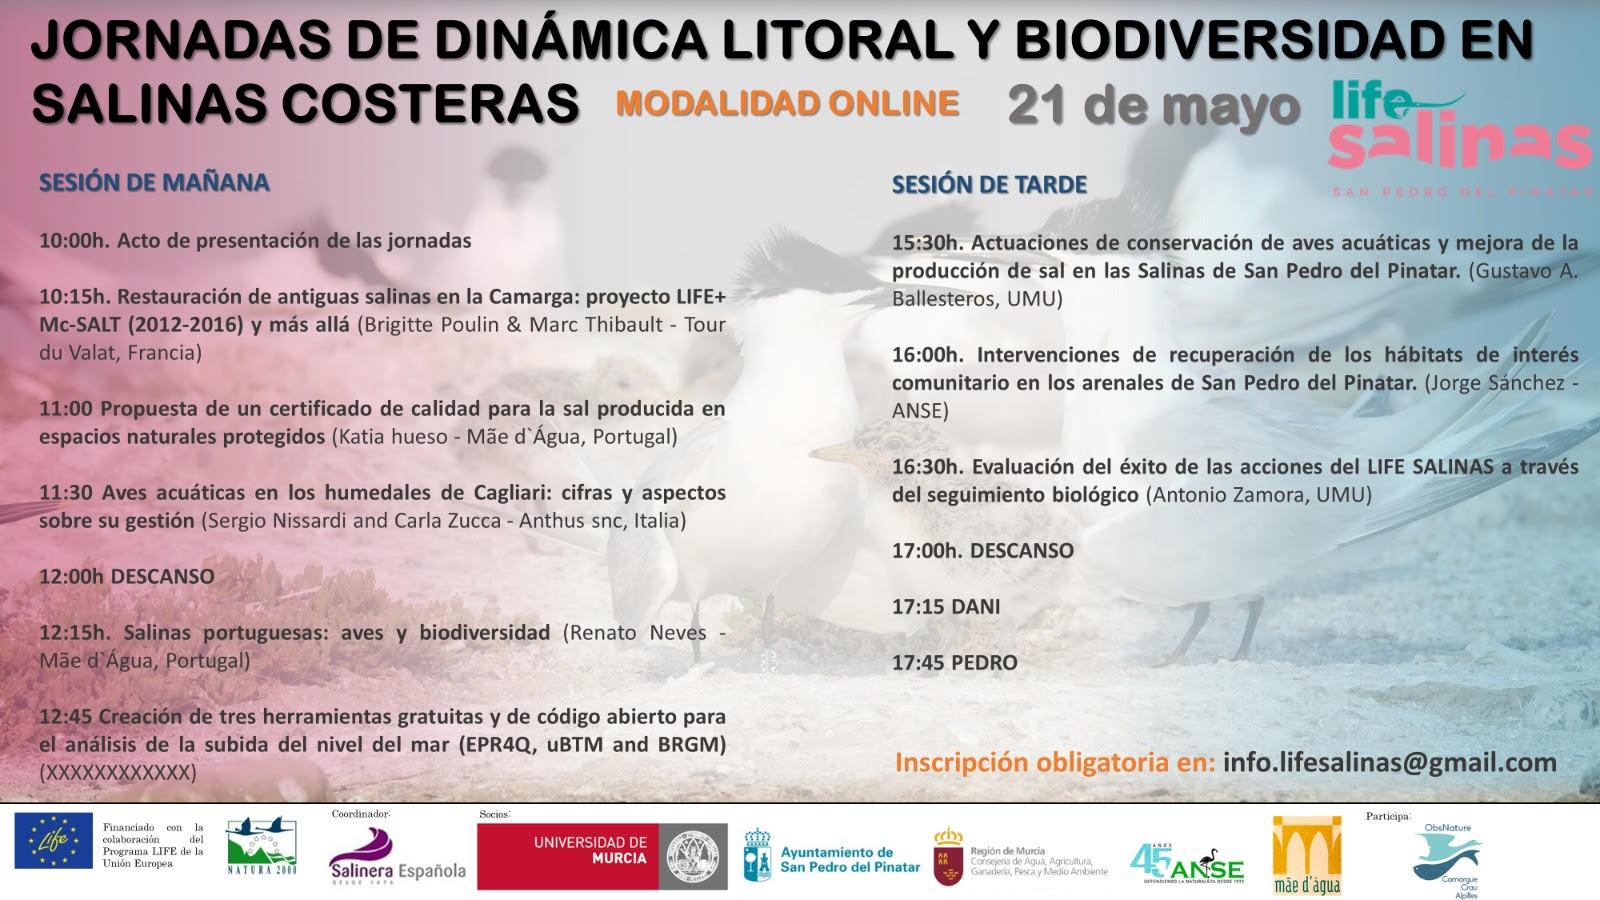 Jornadas de Dinámica Litoral y Biodiversidad en Salinas Costeras, con LIFE Salinas